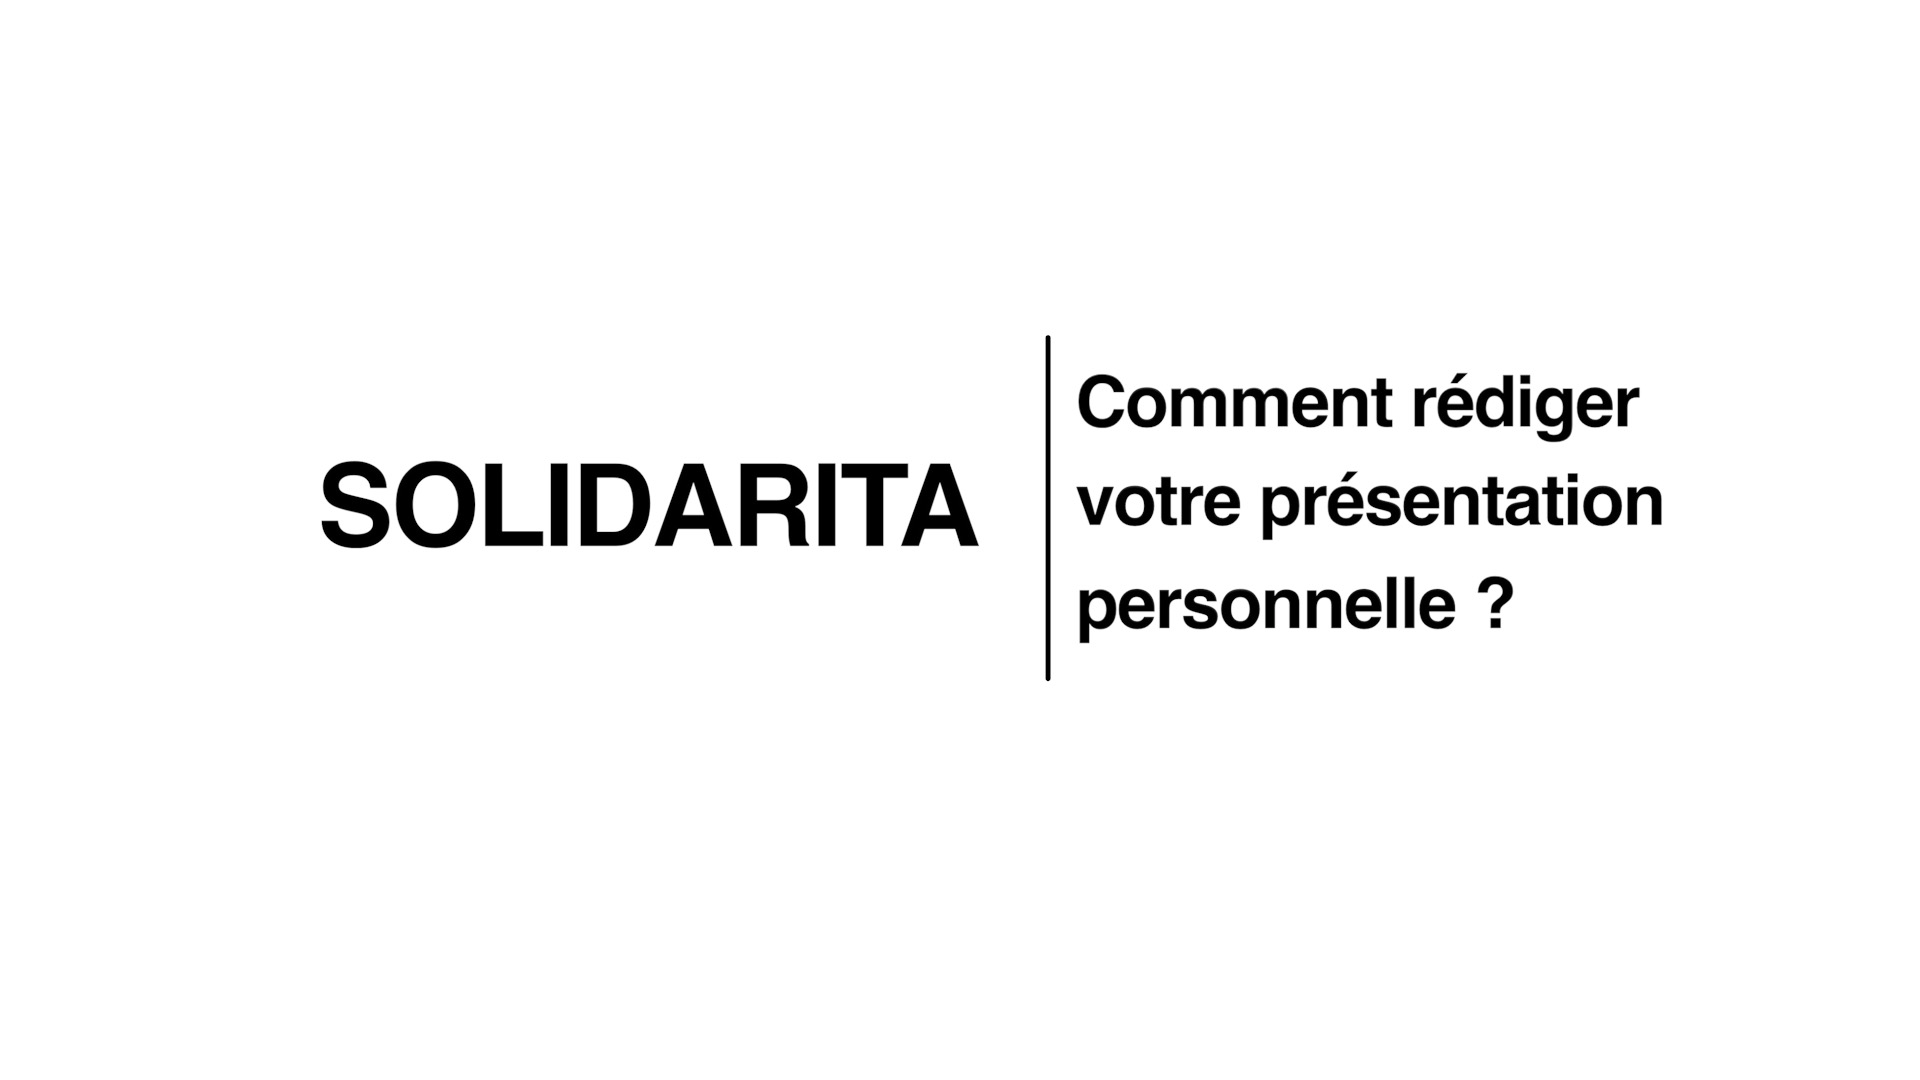 FORMA04 - Rédiger votre présentation personnelle